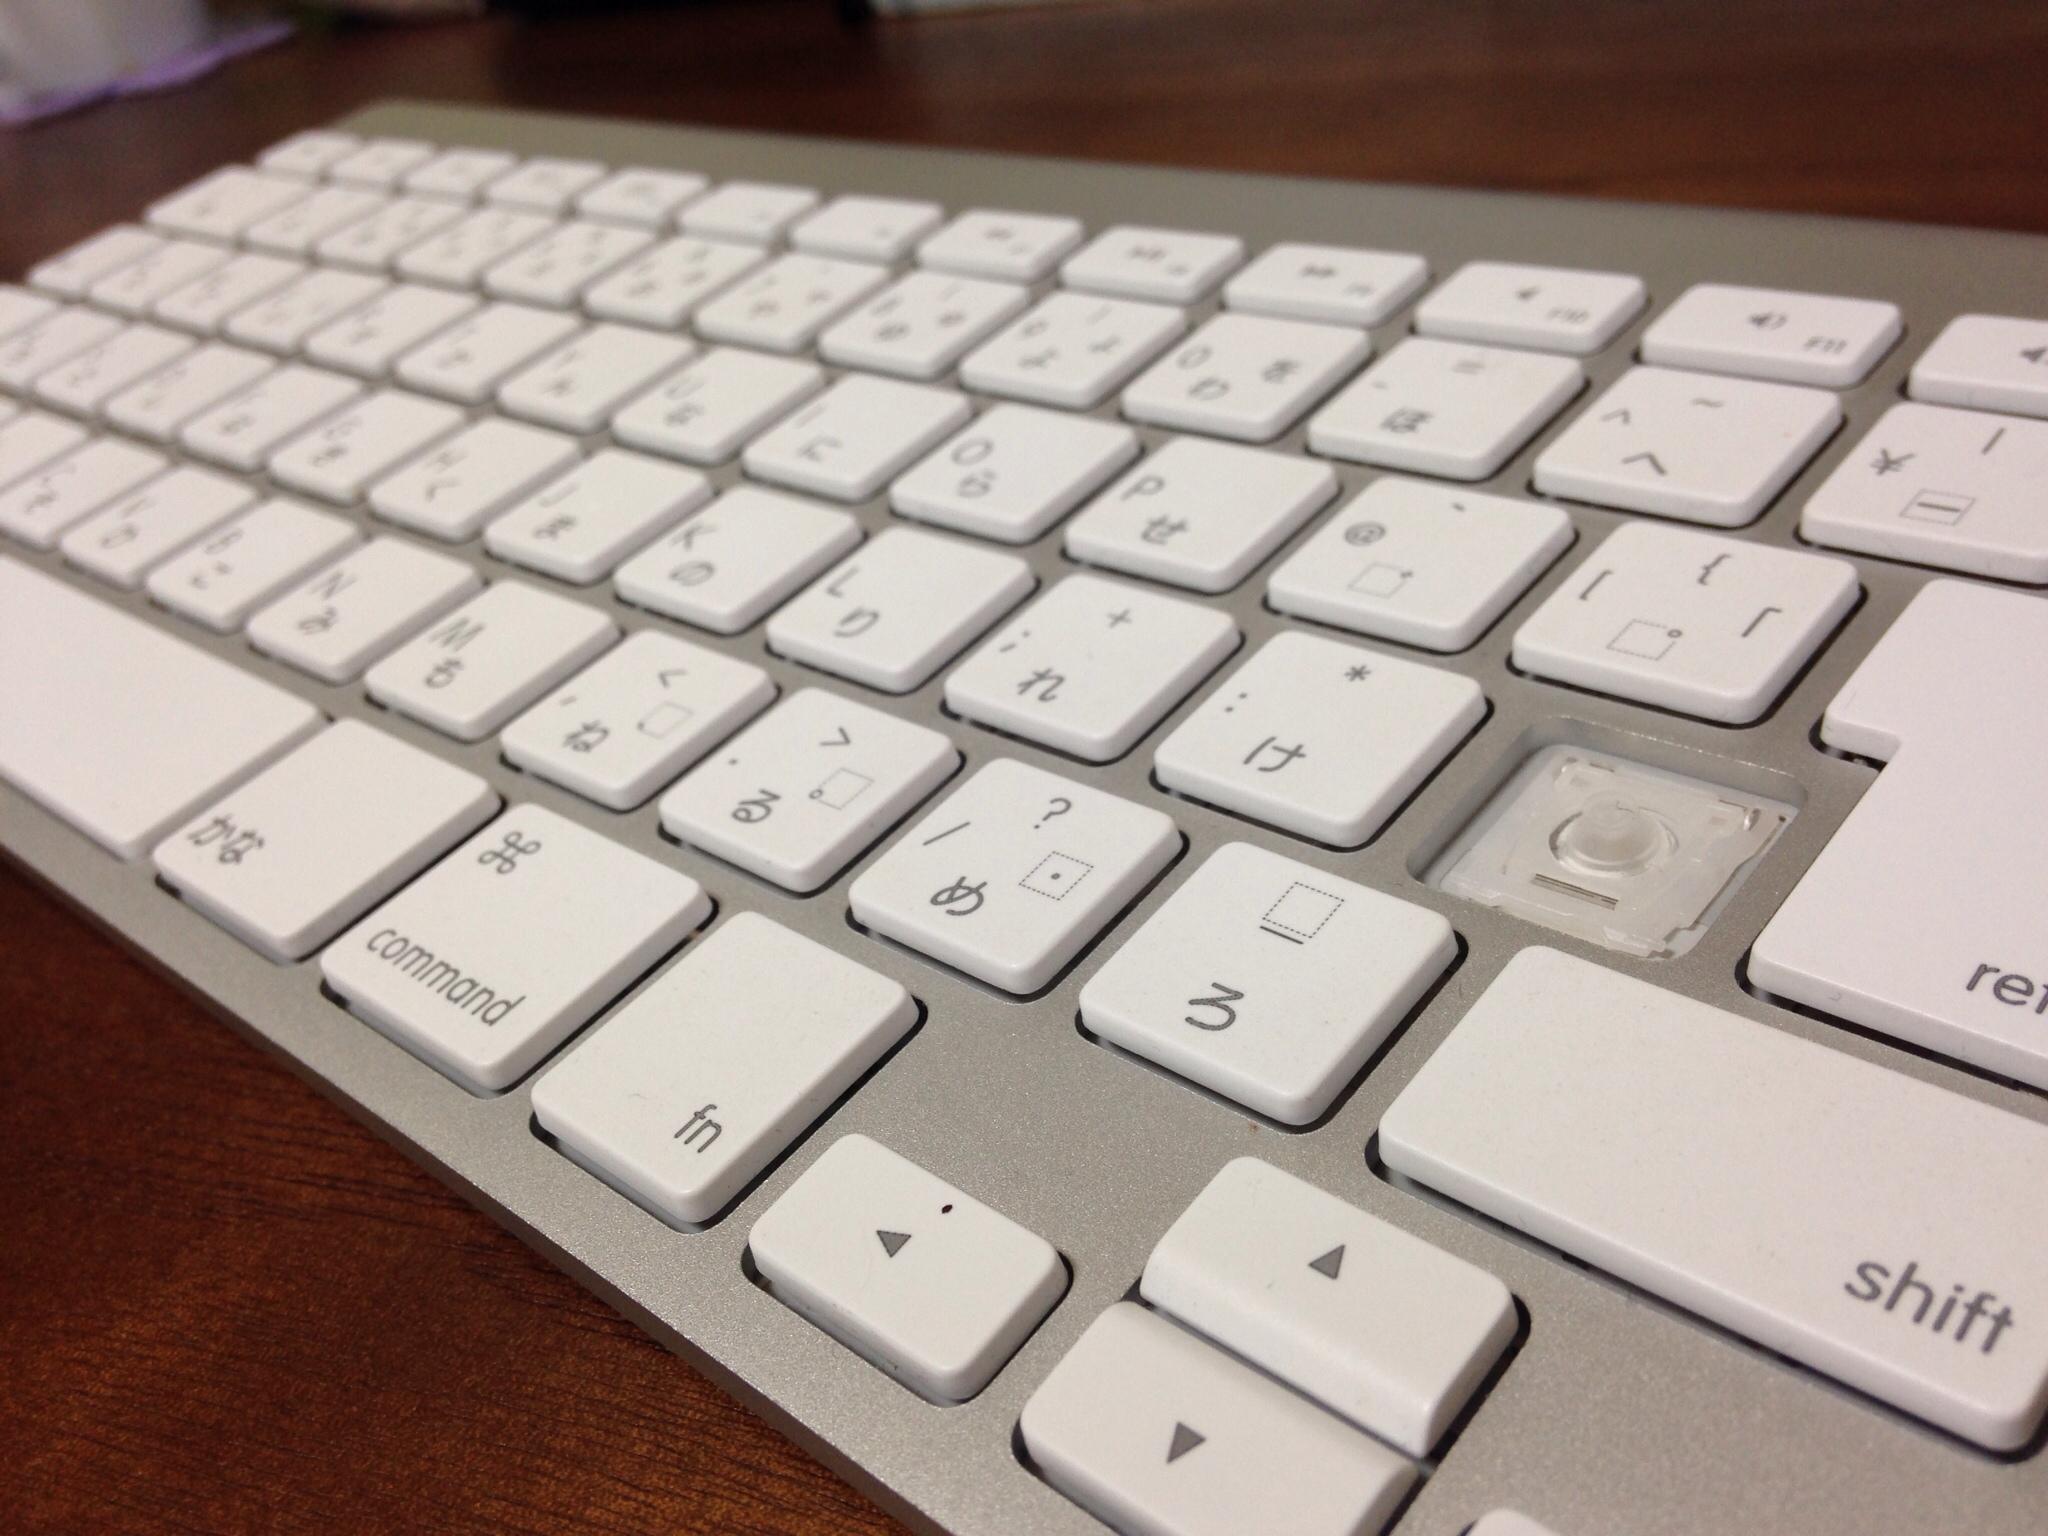 むむむっAppleキーボード故障!